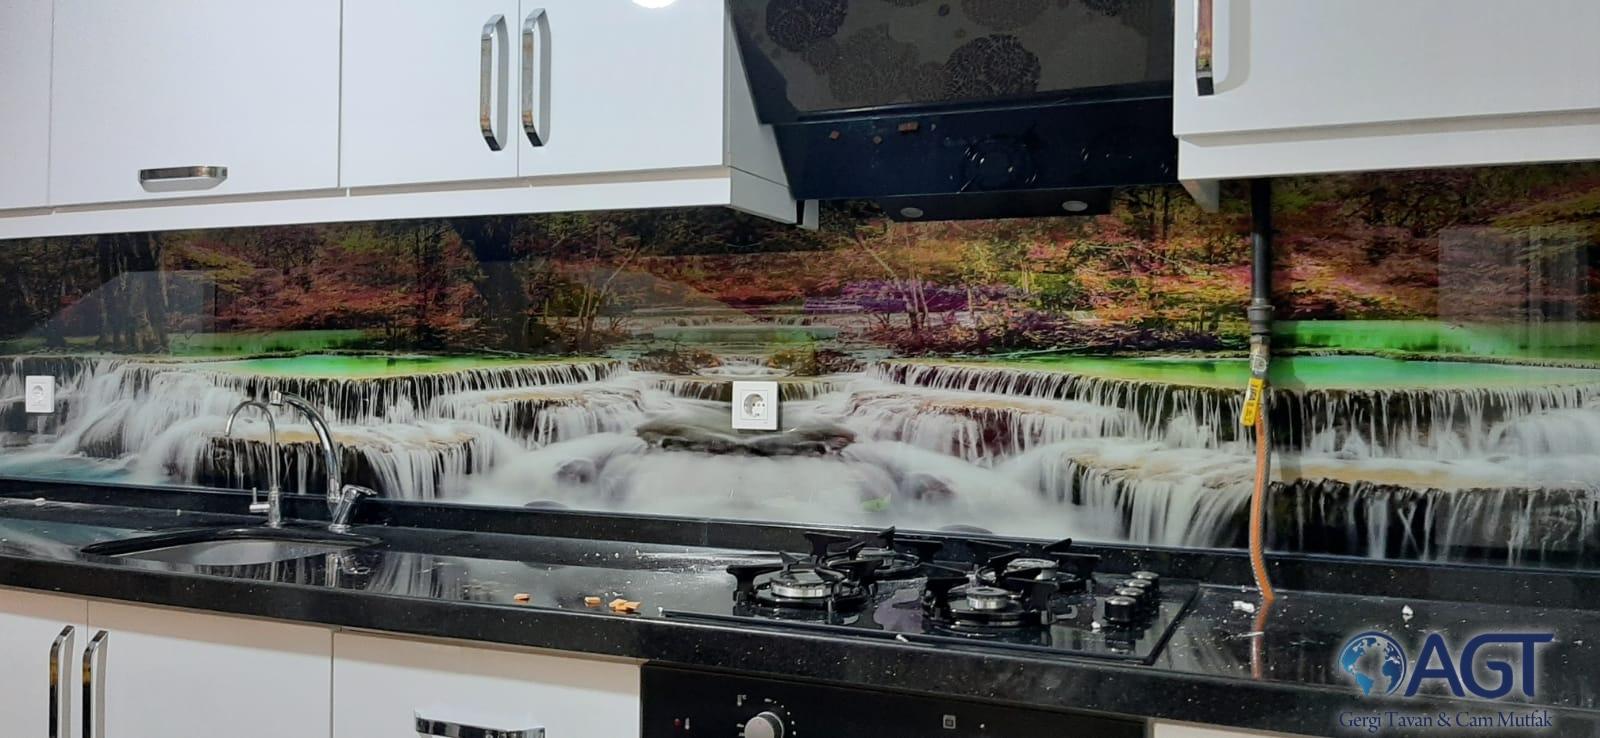 Mutfak tezgah arası cam montajı nasıl yapılır?